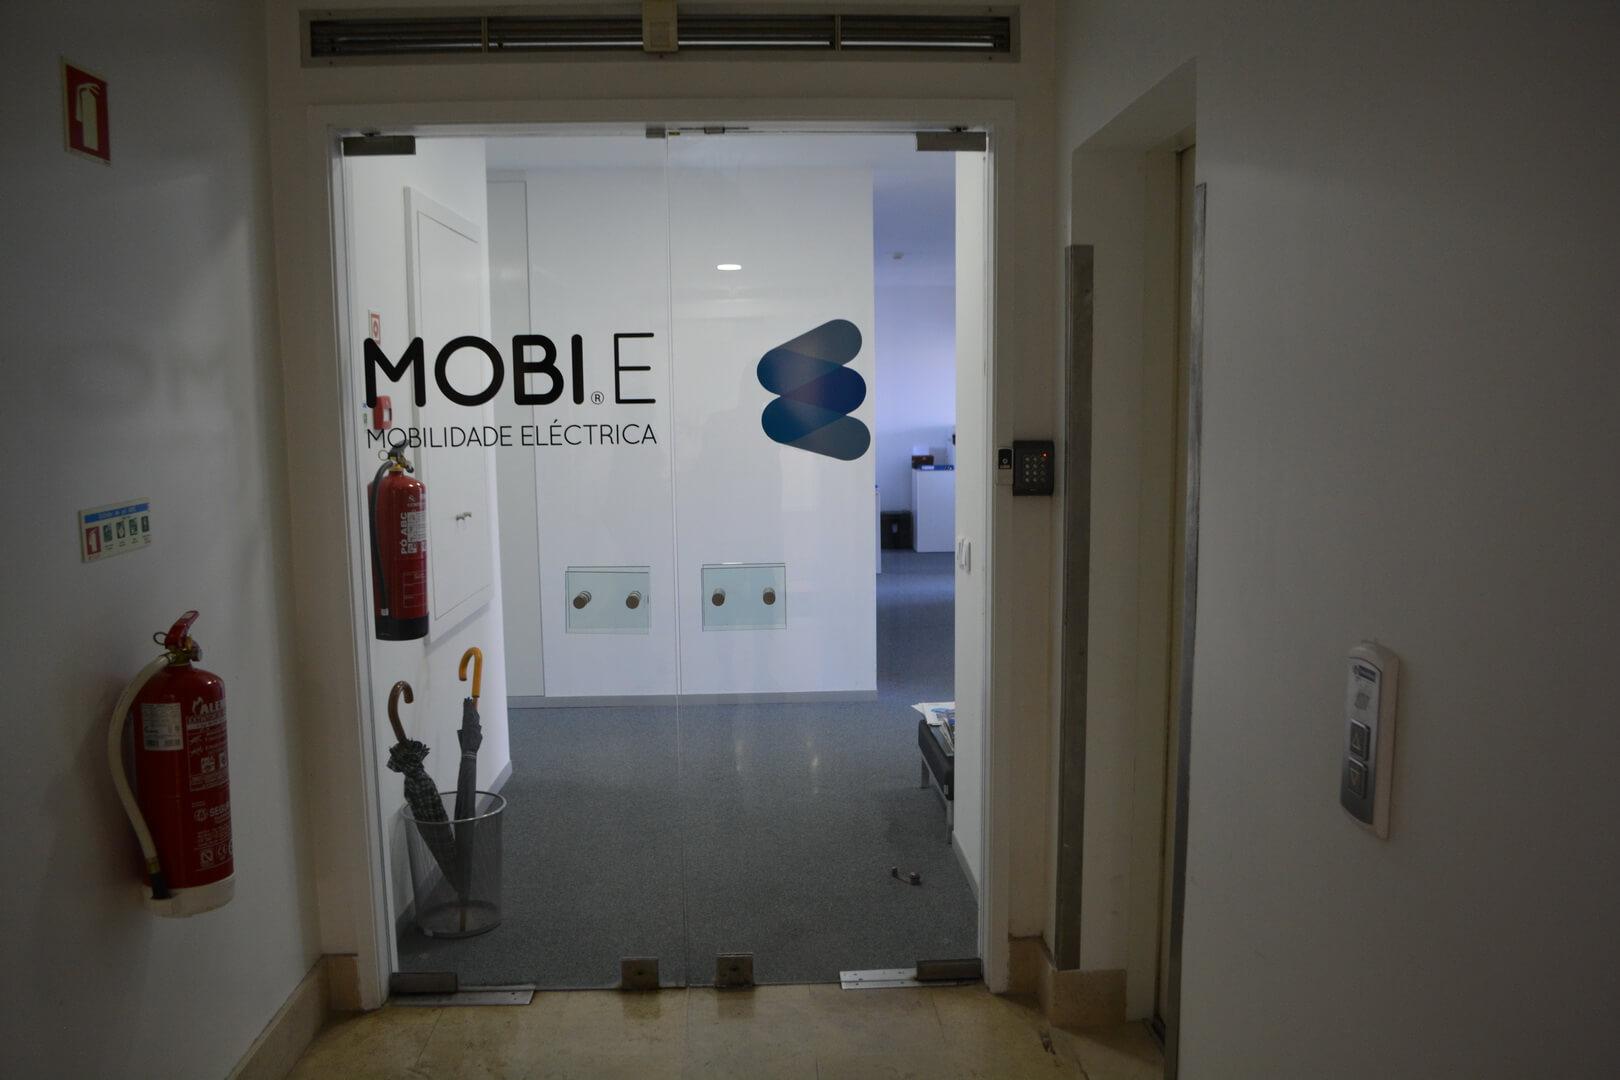 Офис сети зарядных станций MOBI.E в Португалии